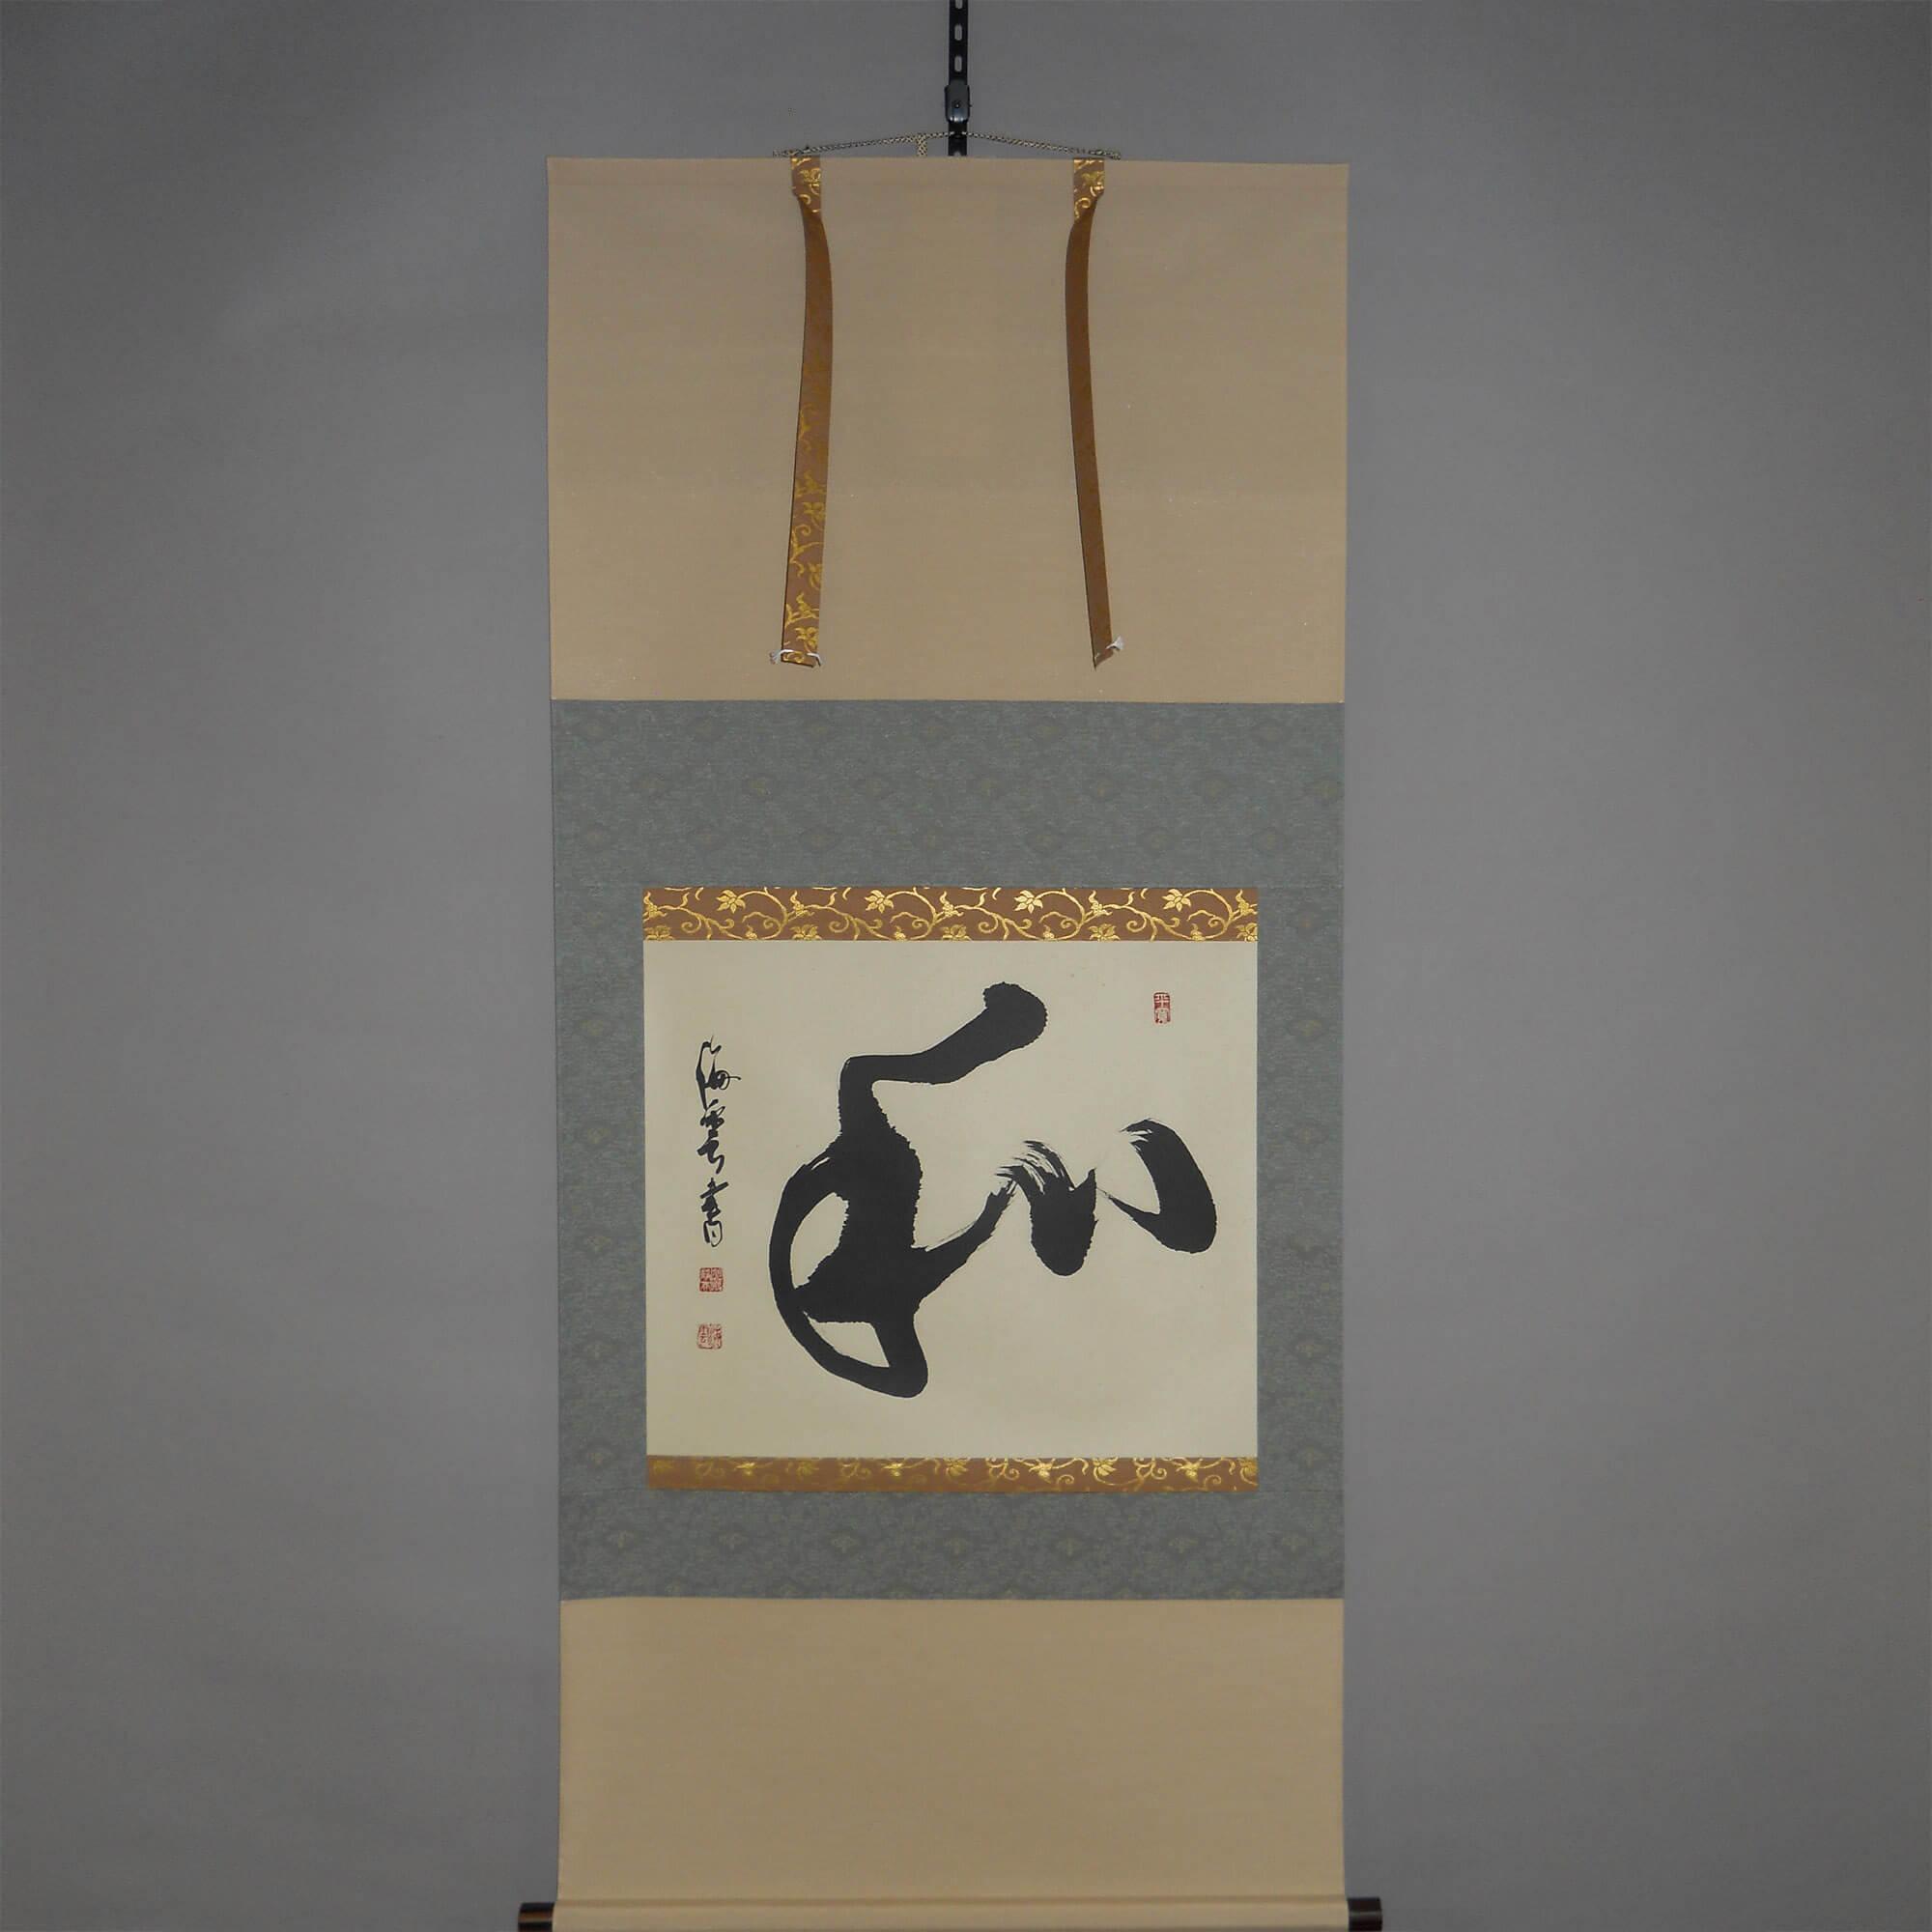 Calligraphy: Wa / Satō Kaiun